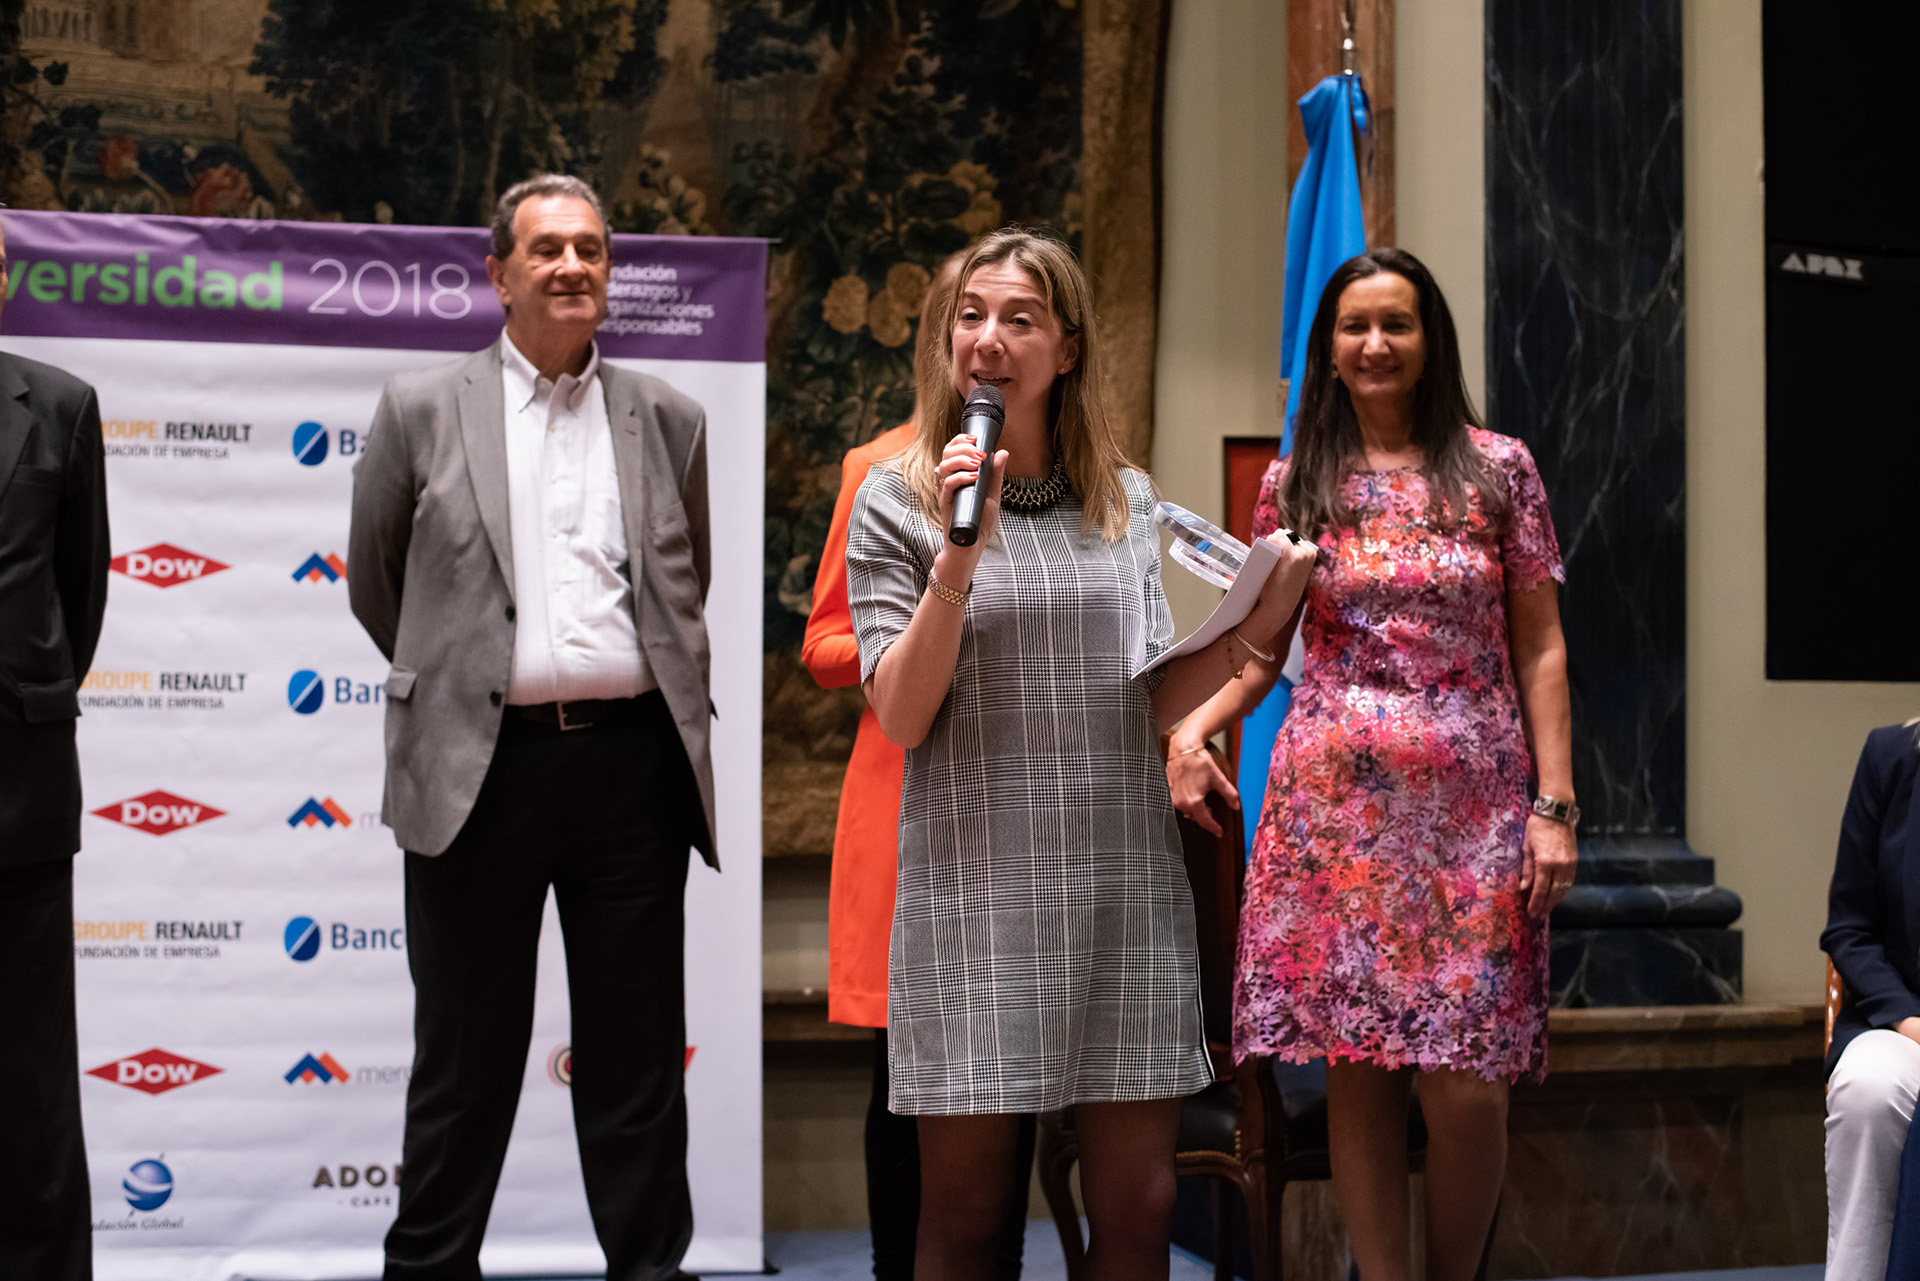 """En la categoría Grandes Empresas, Arredo resultó ganadora. Su gerente de Recursos Humanos, Fernanda Manuel, expresó: """"Trabajar en la inclusión es un compromiso que hacemos con el corazón. Estamos convencidos de lo que hacemos. Nos gusta interpelar, cuestionar y aportar. Esto nos da más fuerza para seguir haciéndolo"""""""